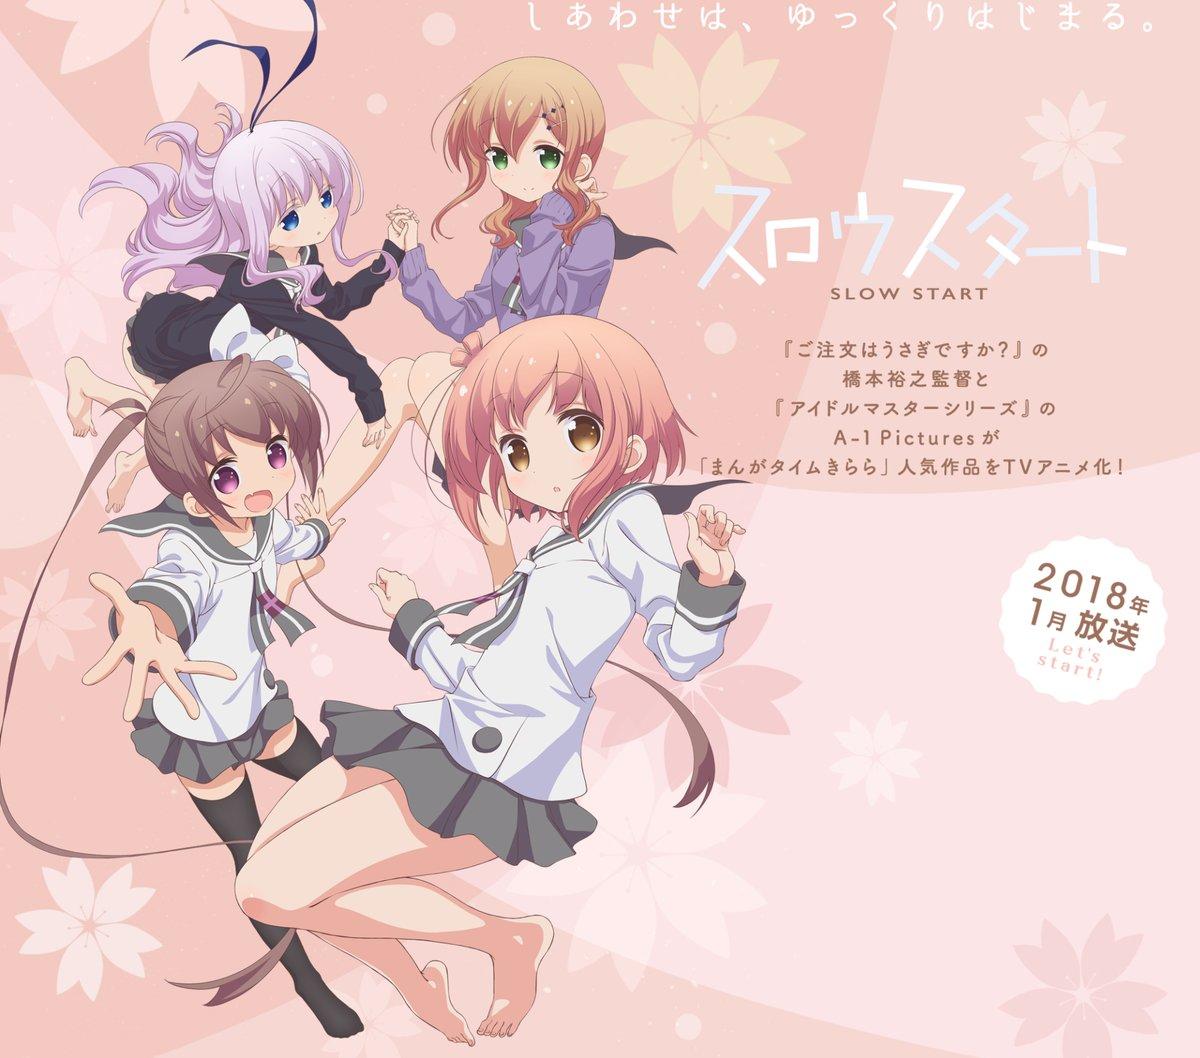 Nuevo anuncio de TV del anime Slow Start muestra nuevos personajes